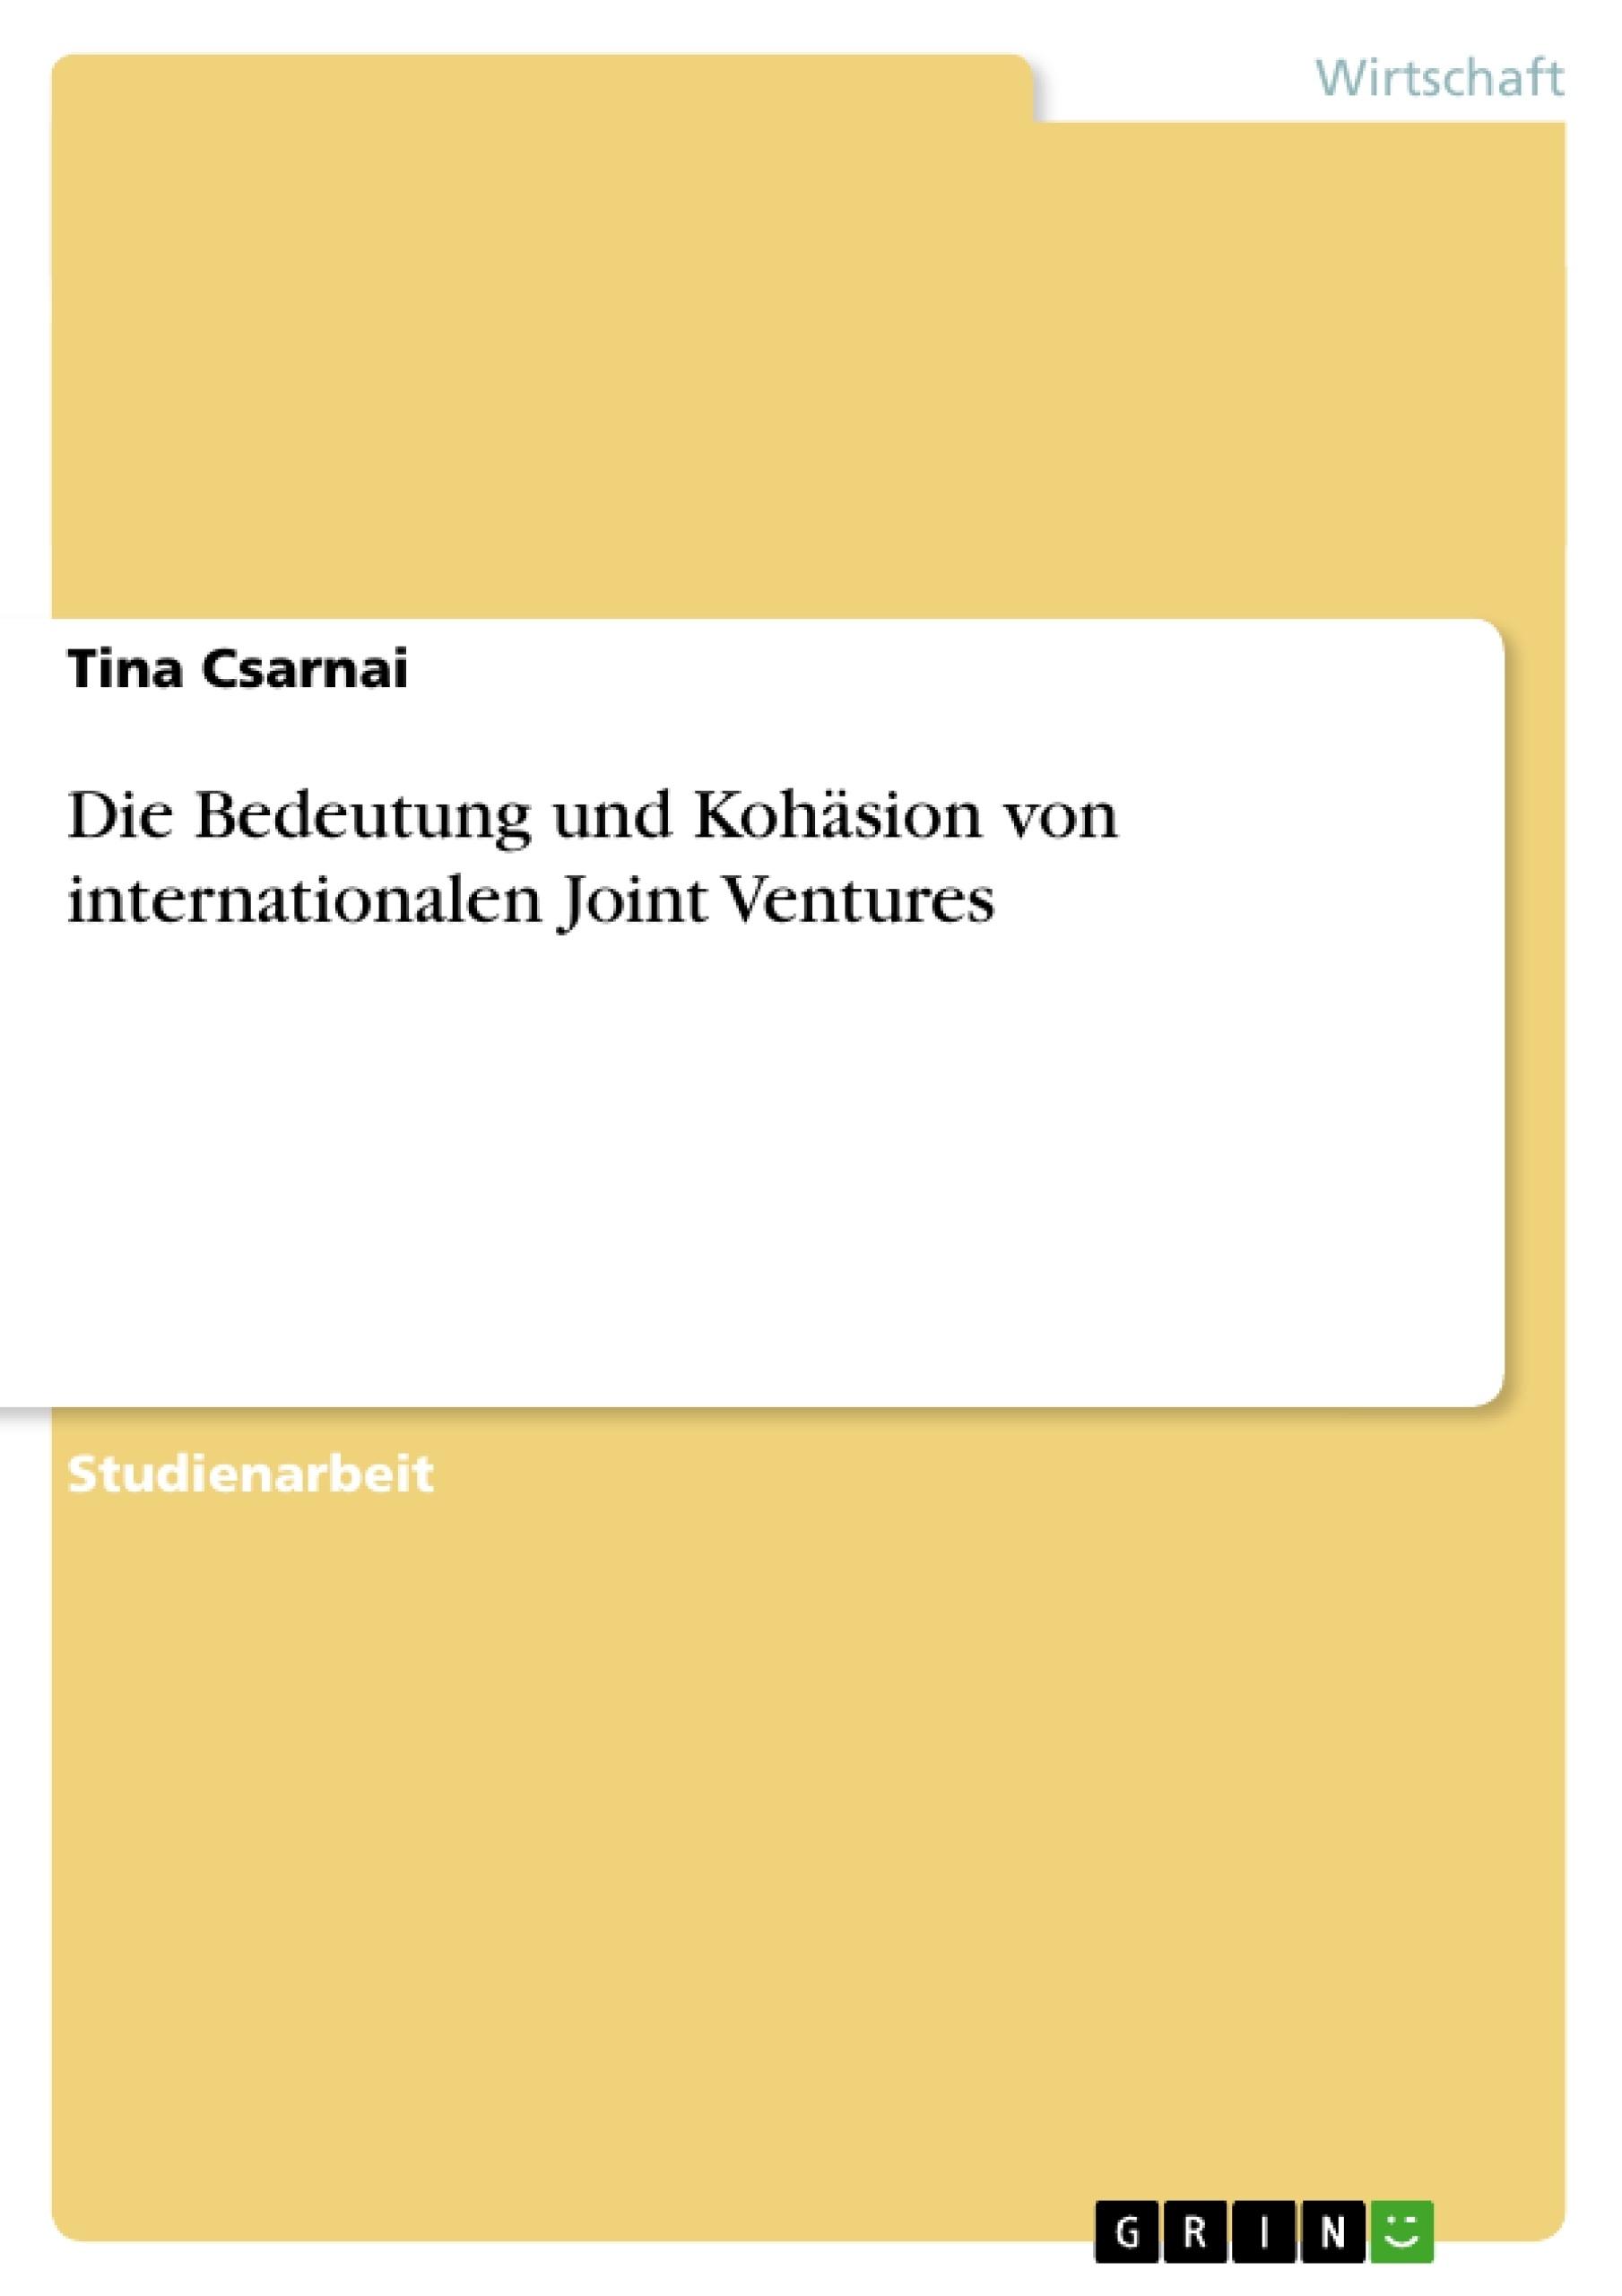 Titel: Die Bedeutung und Kohäsion von internationalen Joint Ventures